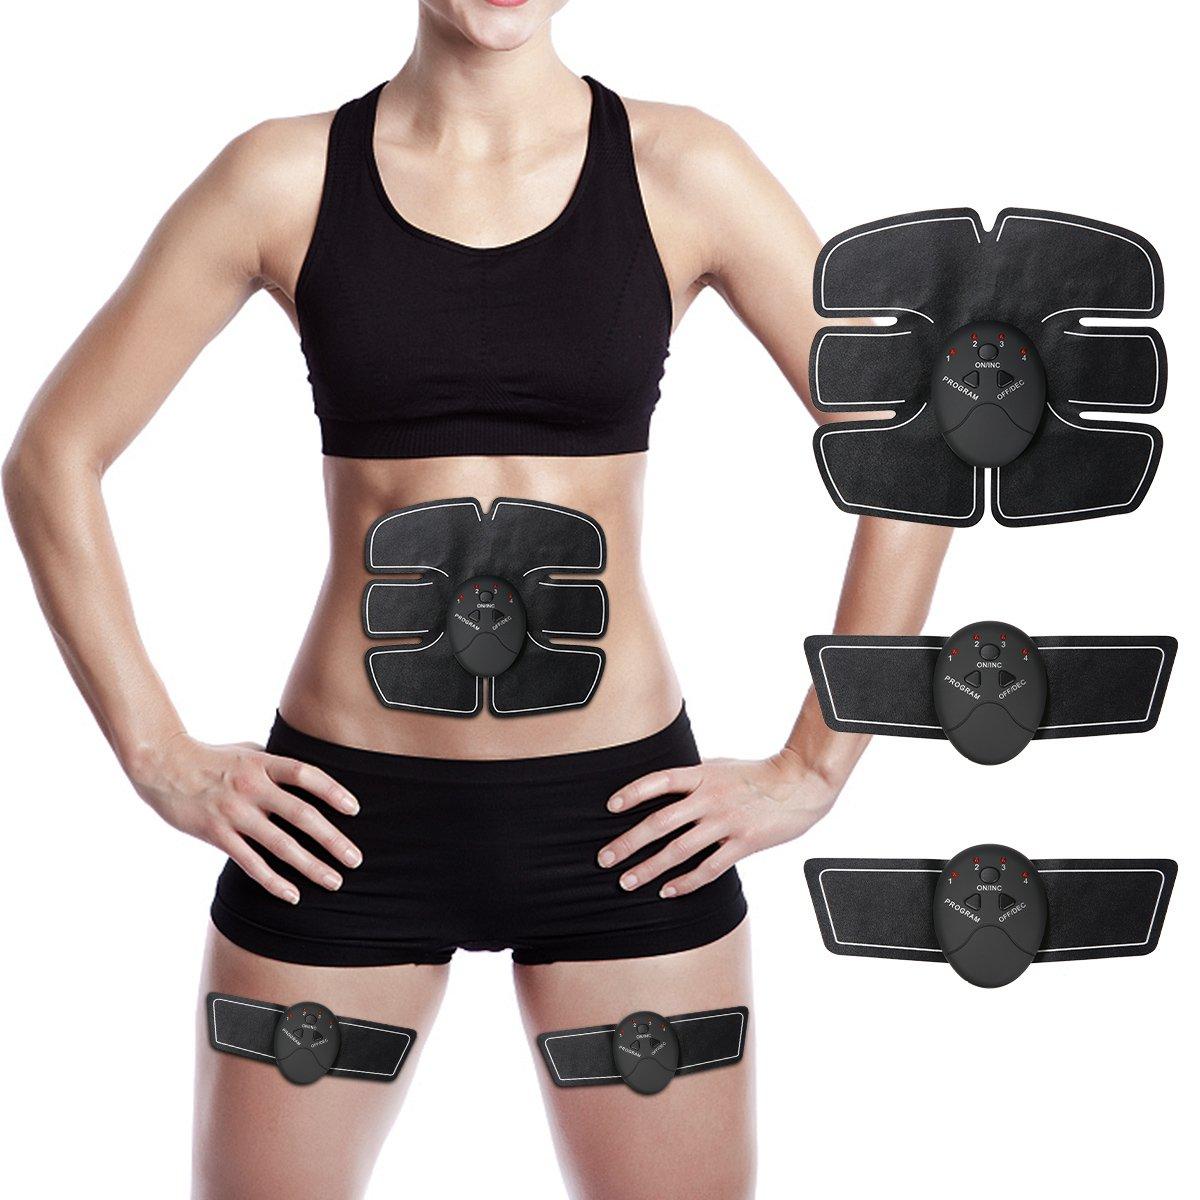 Electroestimulador Muscular Abdominales Charminer Masajeador Eléctrico Cinturón Ejercitador del Cuerpo de los